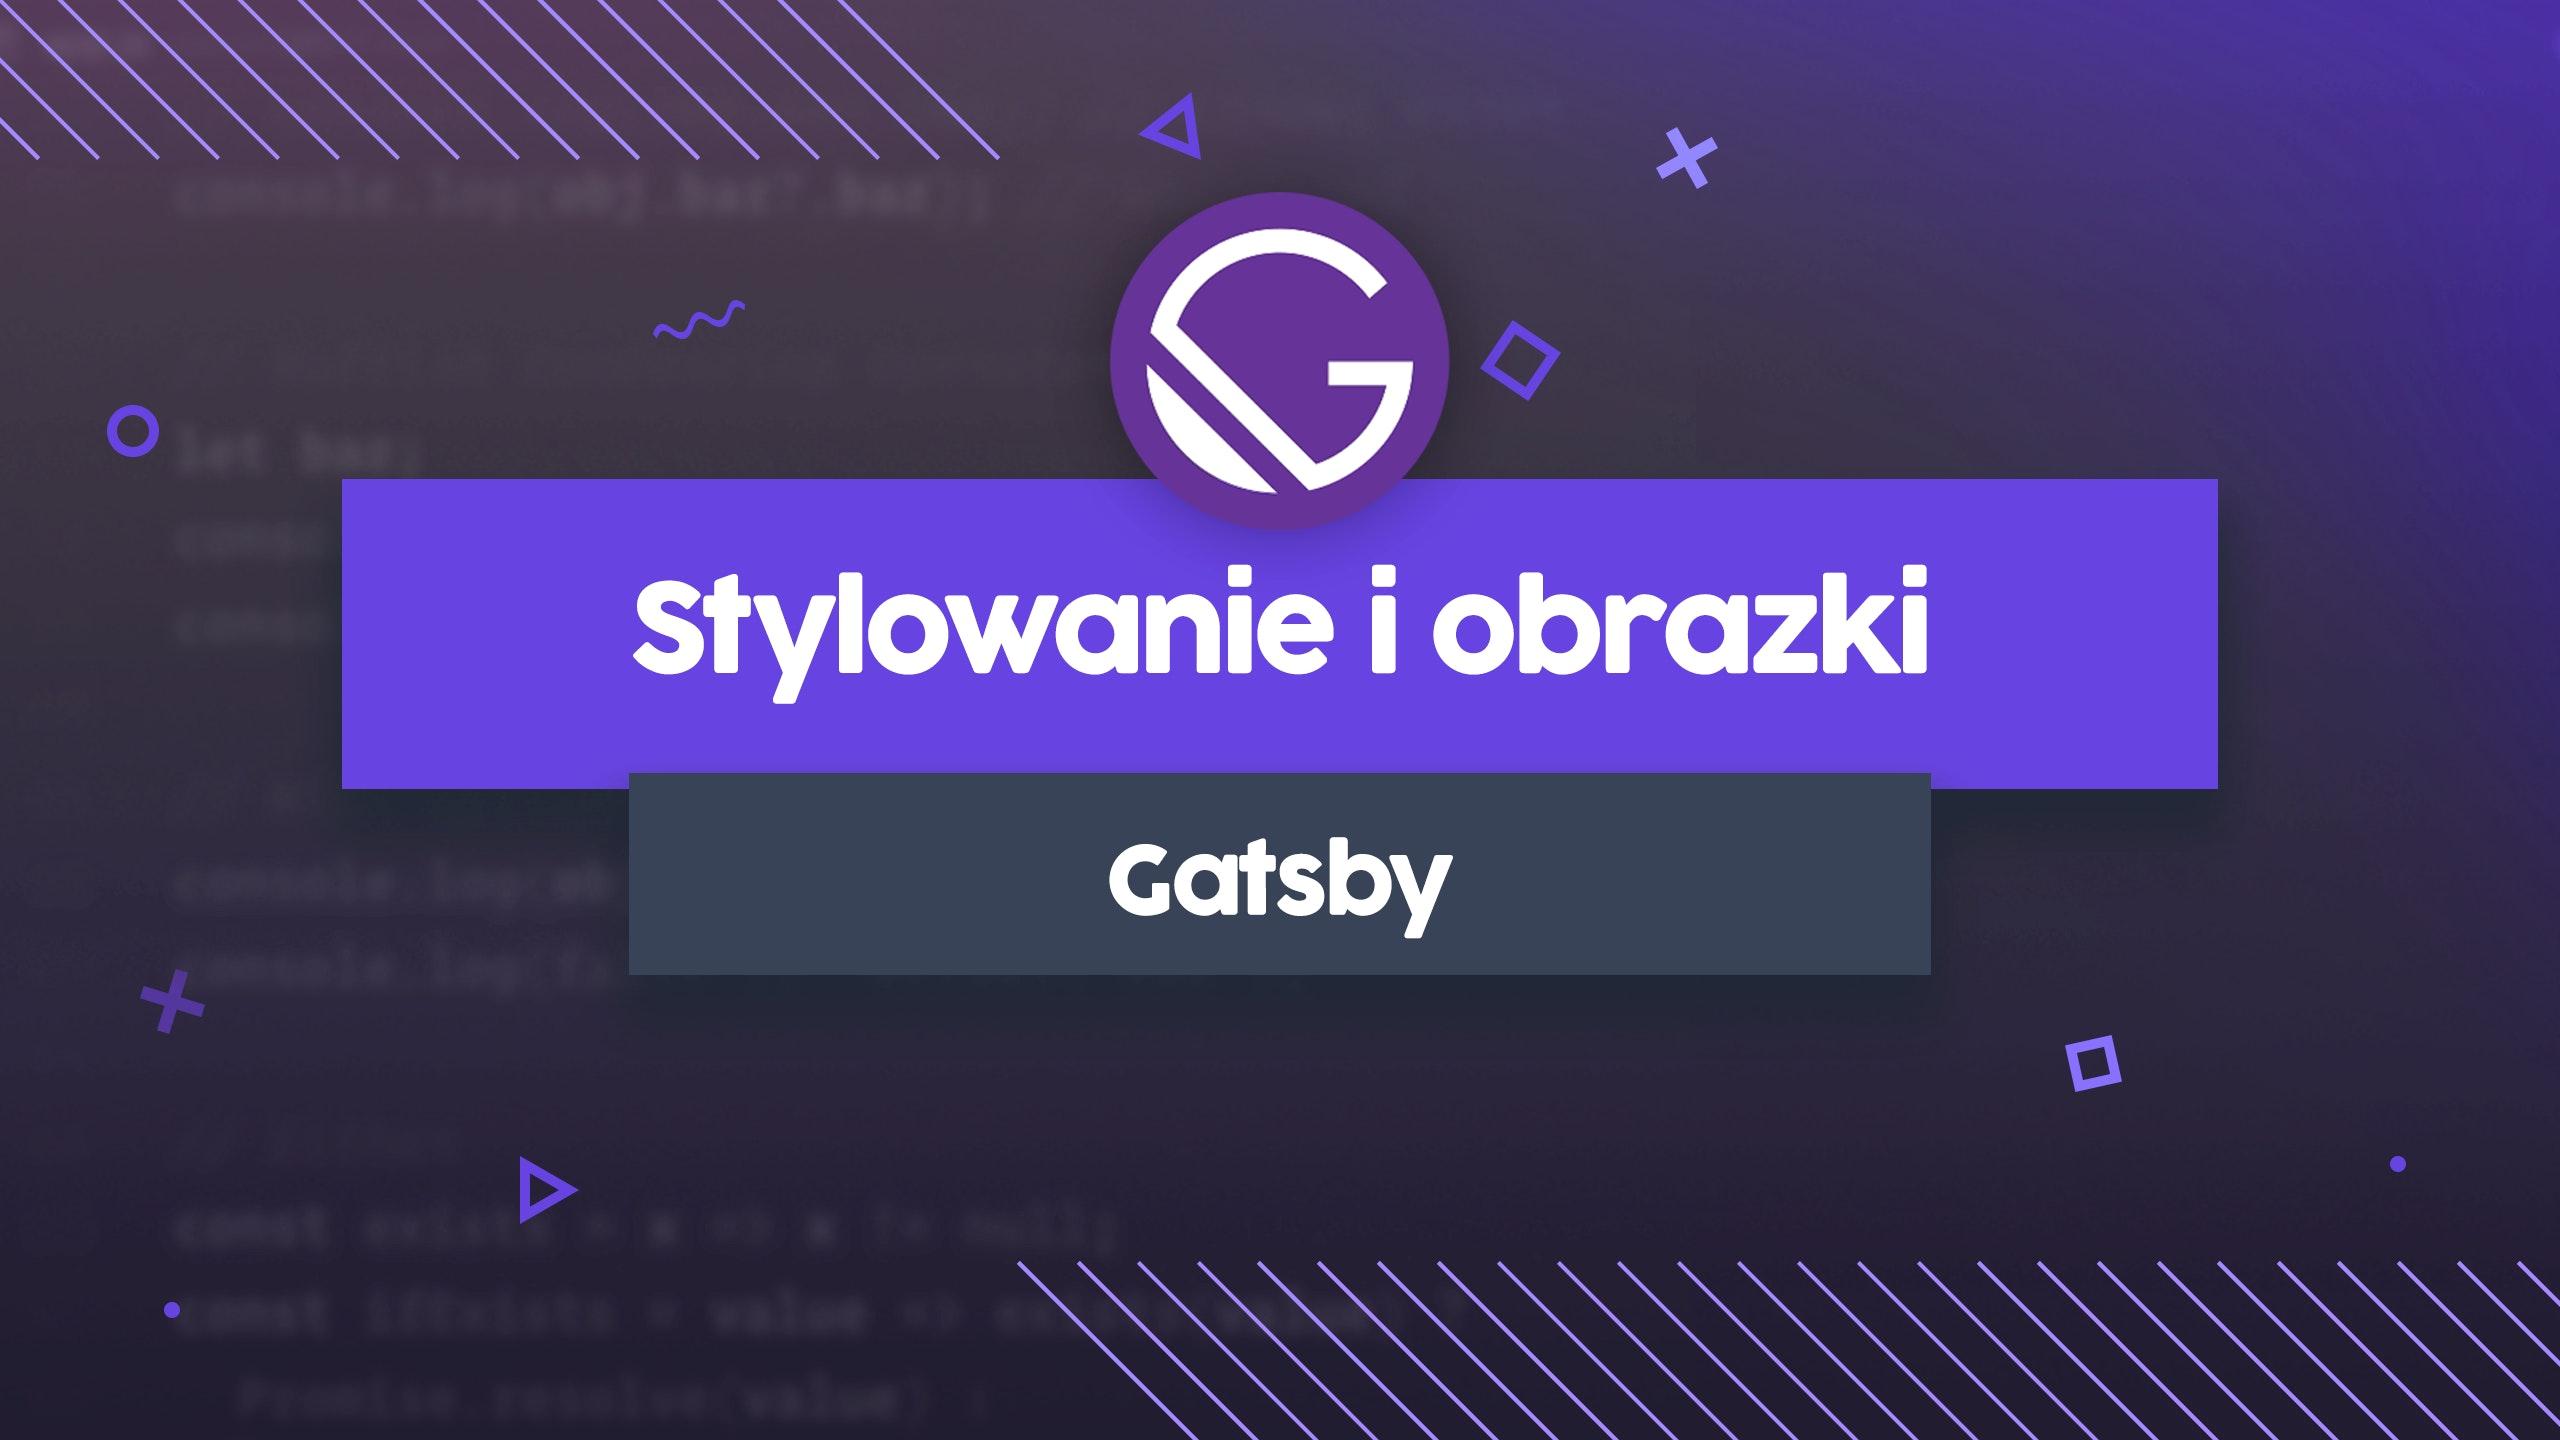 Gatsby - Stylowanie i obrazki